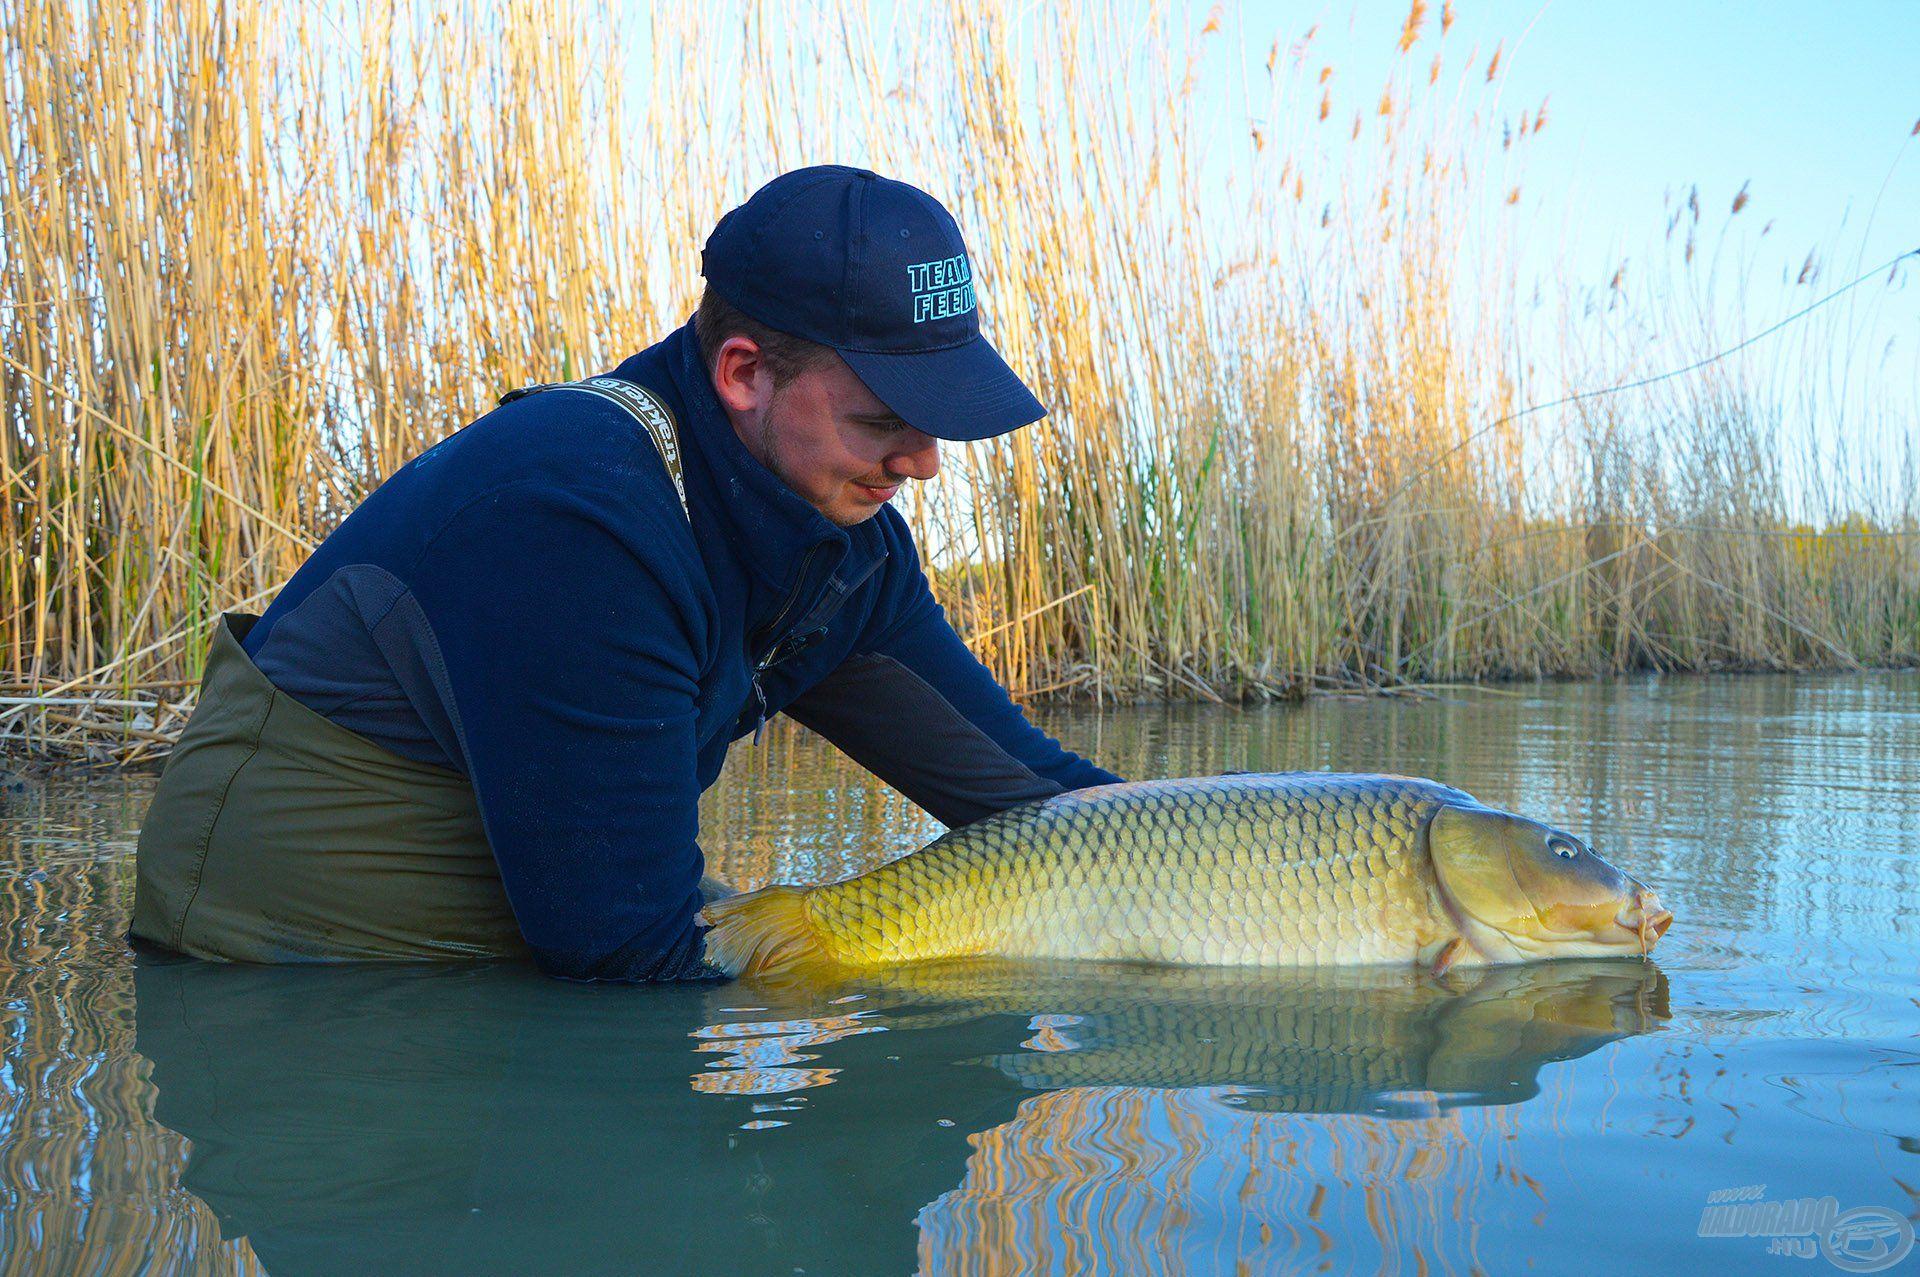 A hal szabadságának visszaadásával válik teljessé az élmény!